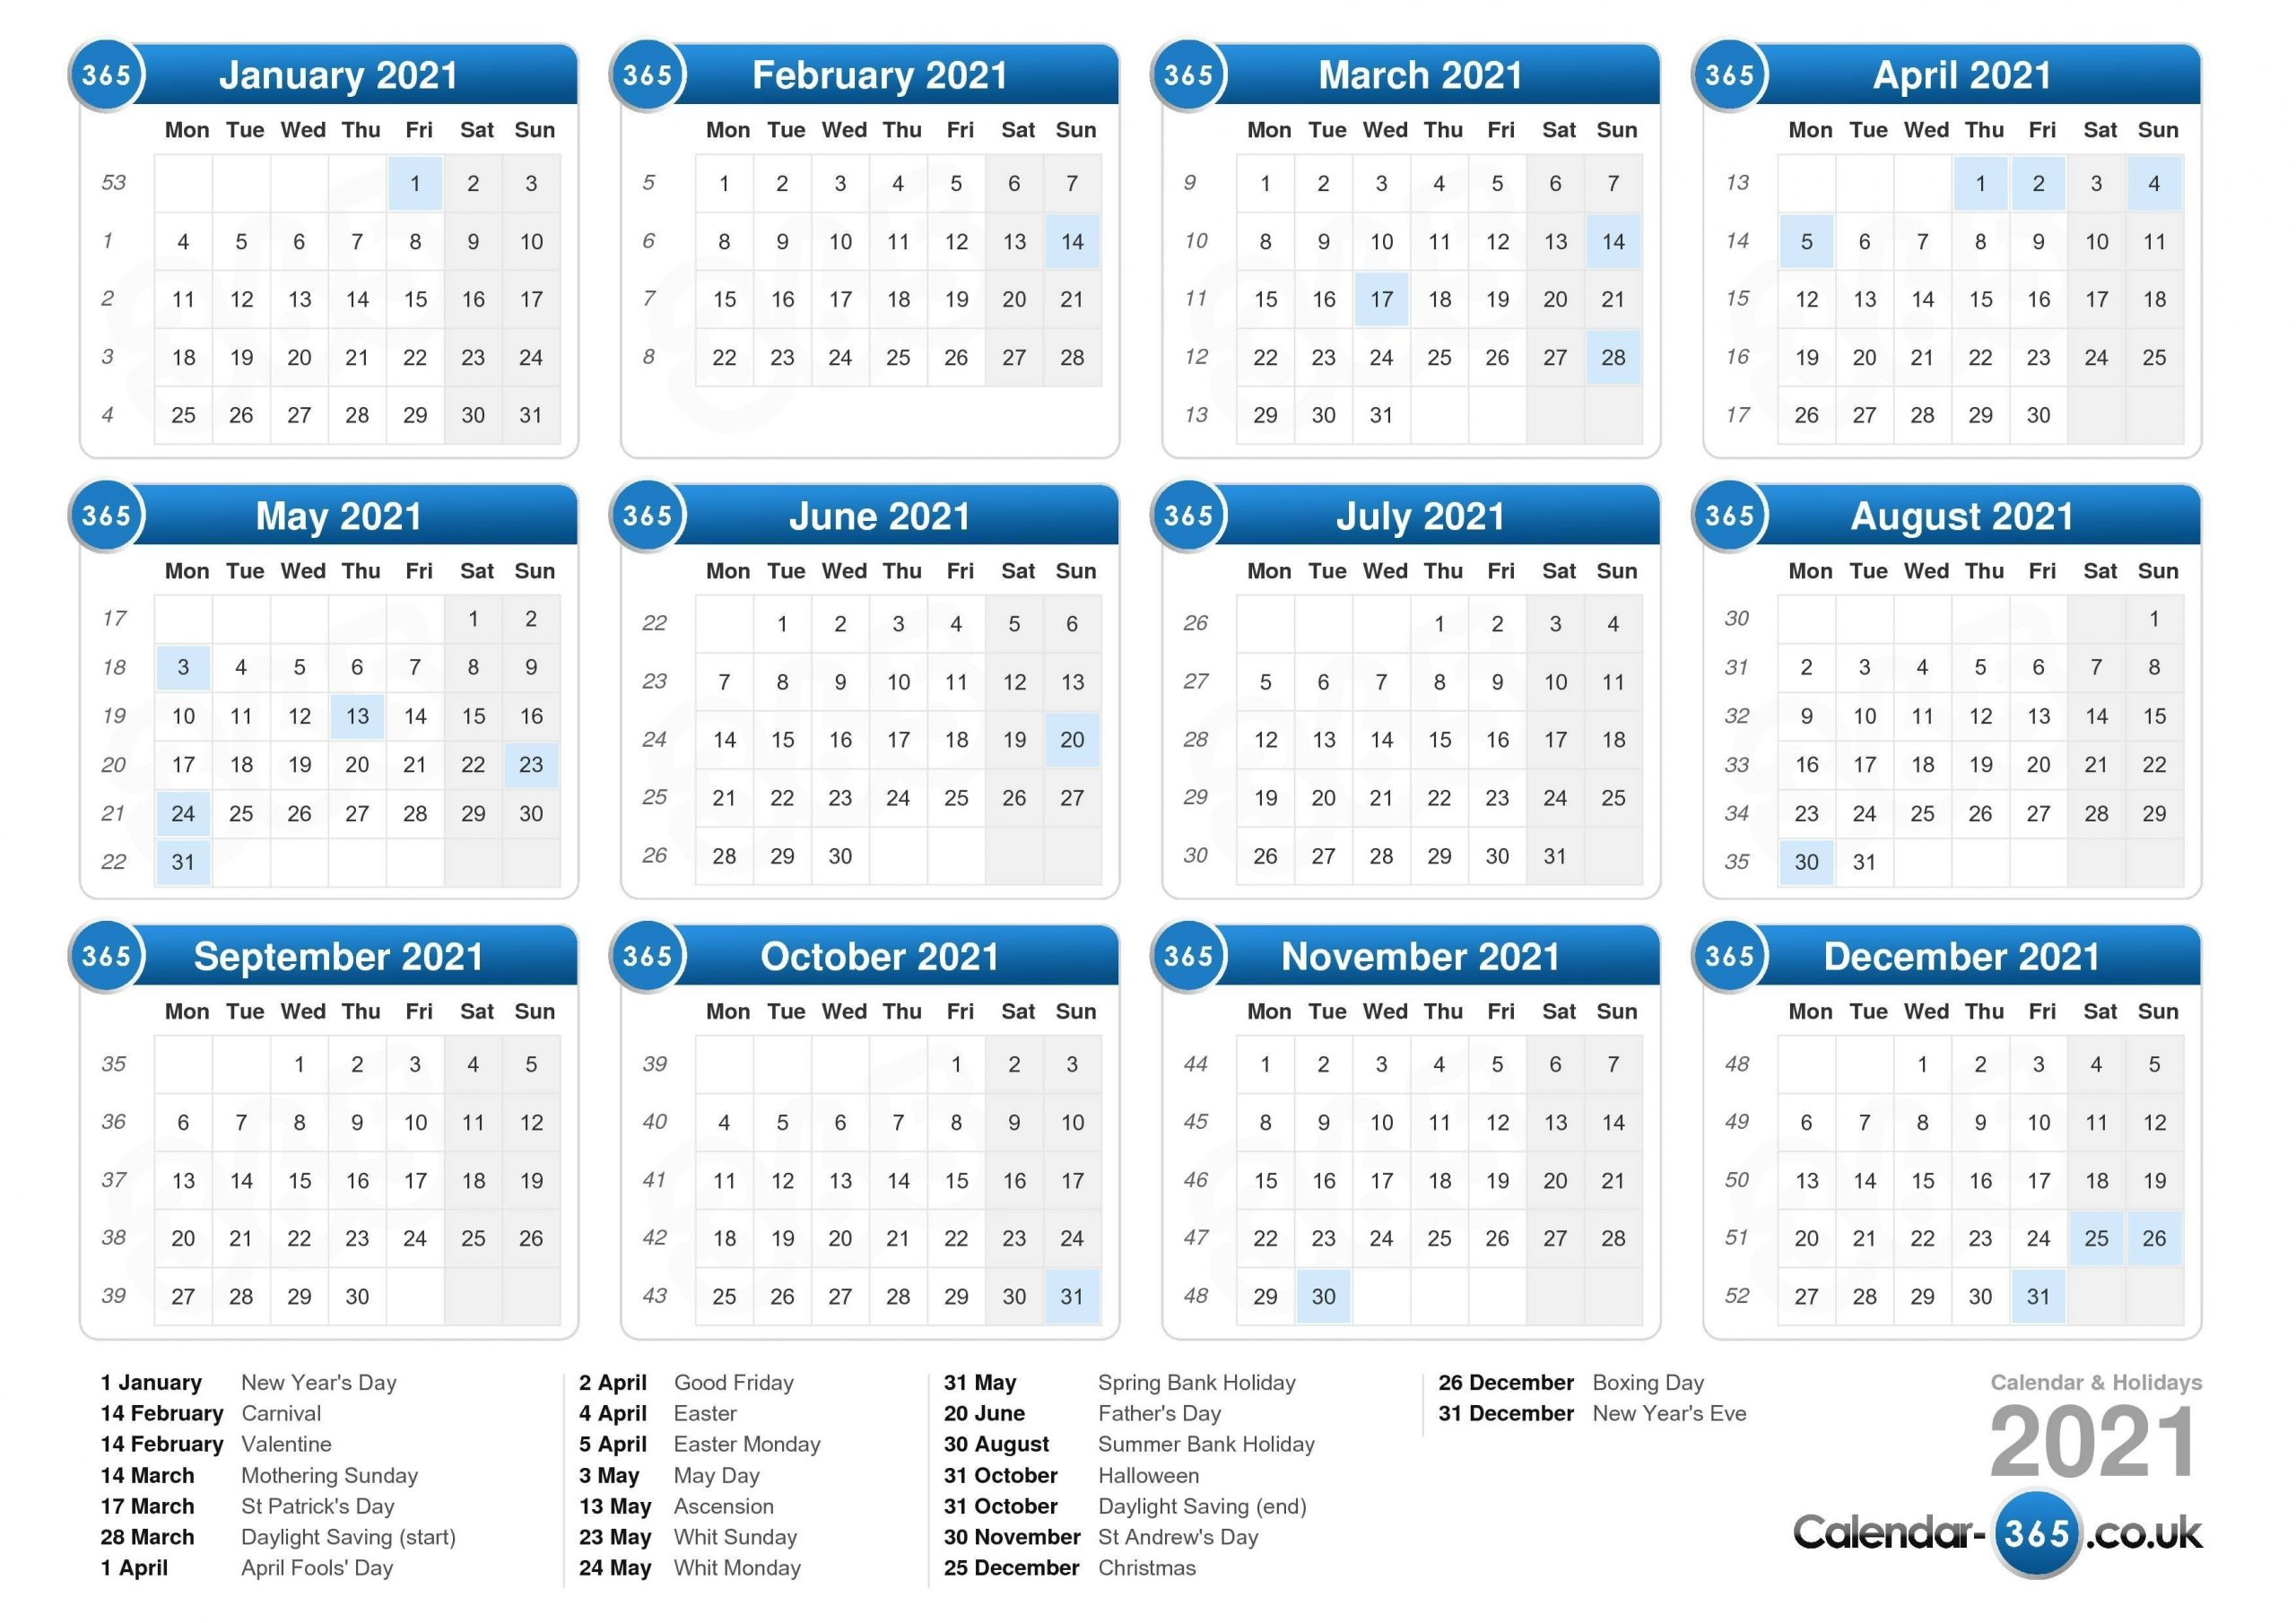 Calendar 2021-2021 Calnder By Week No Excel